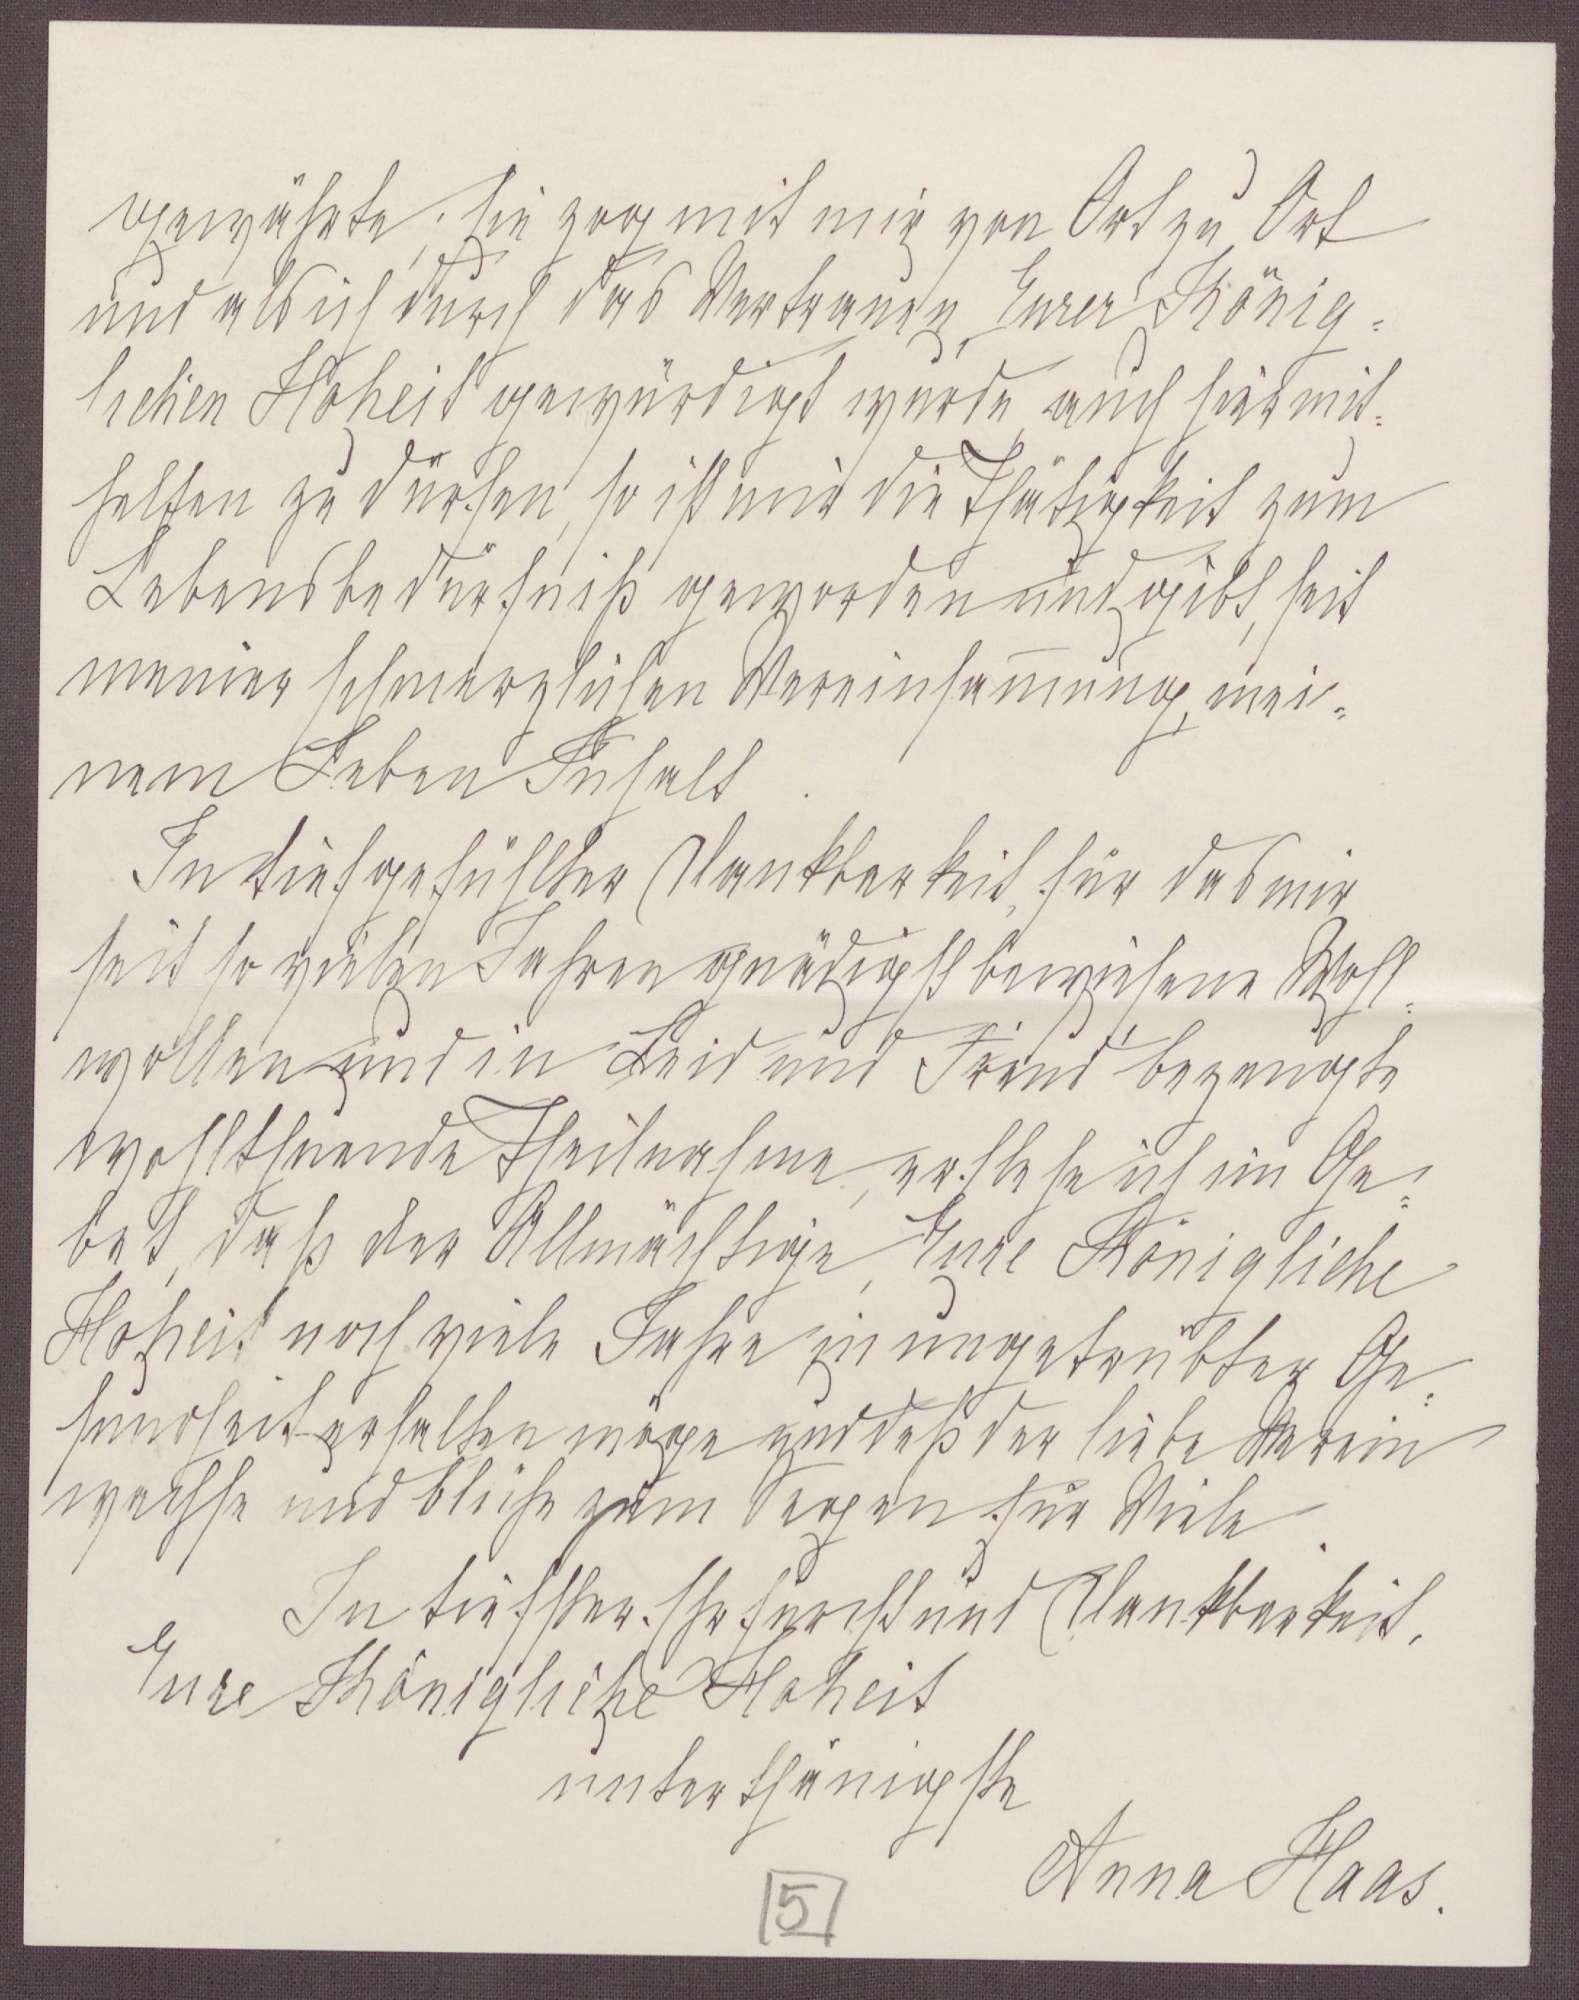 Schreiben von Anna Haas an die Großherzogin Luise; Dank für Jubiläumswünsche und den Blumengruß, Bild 3